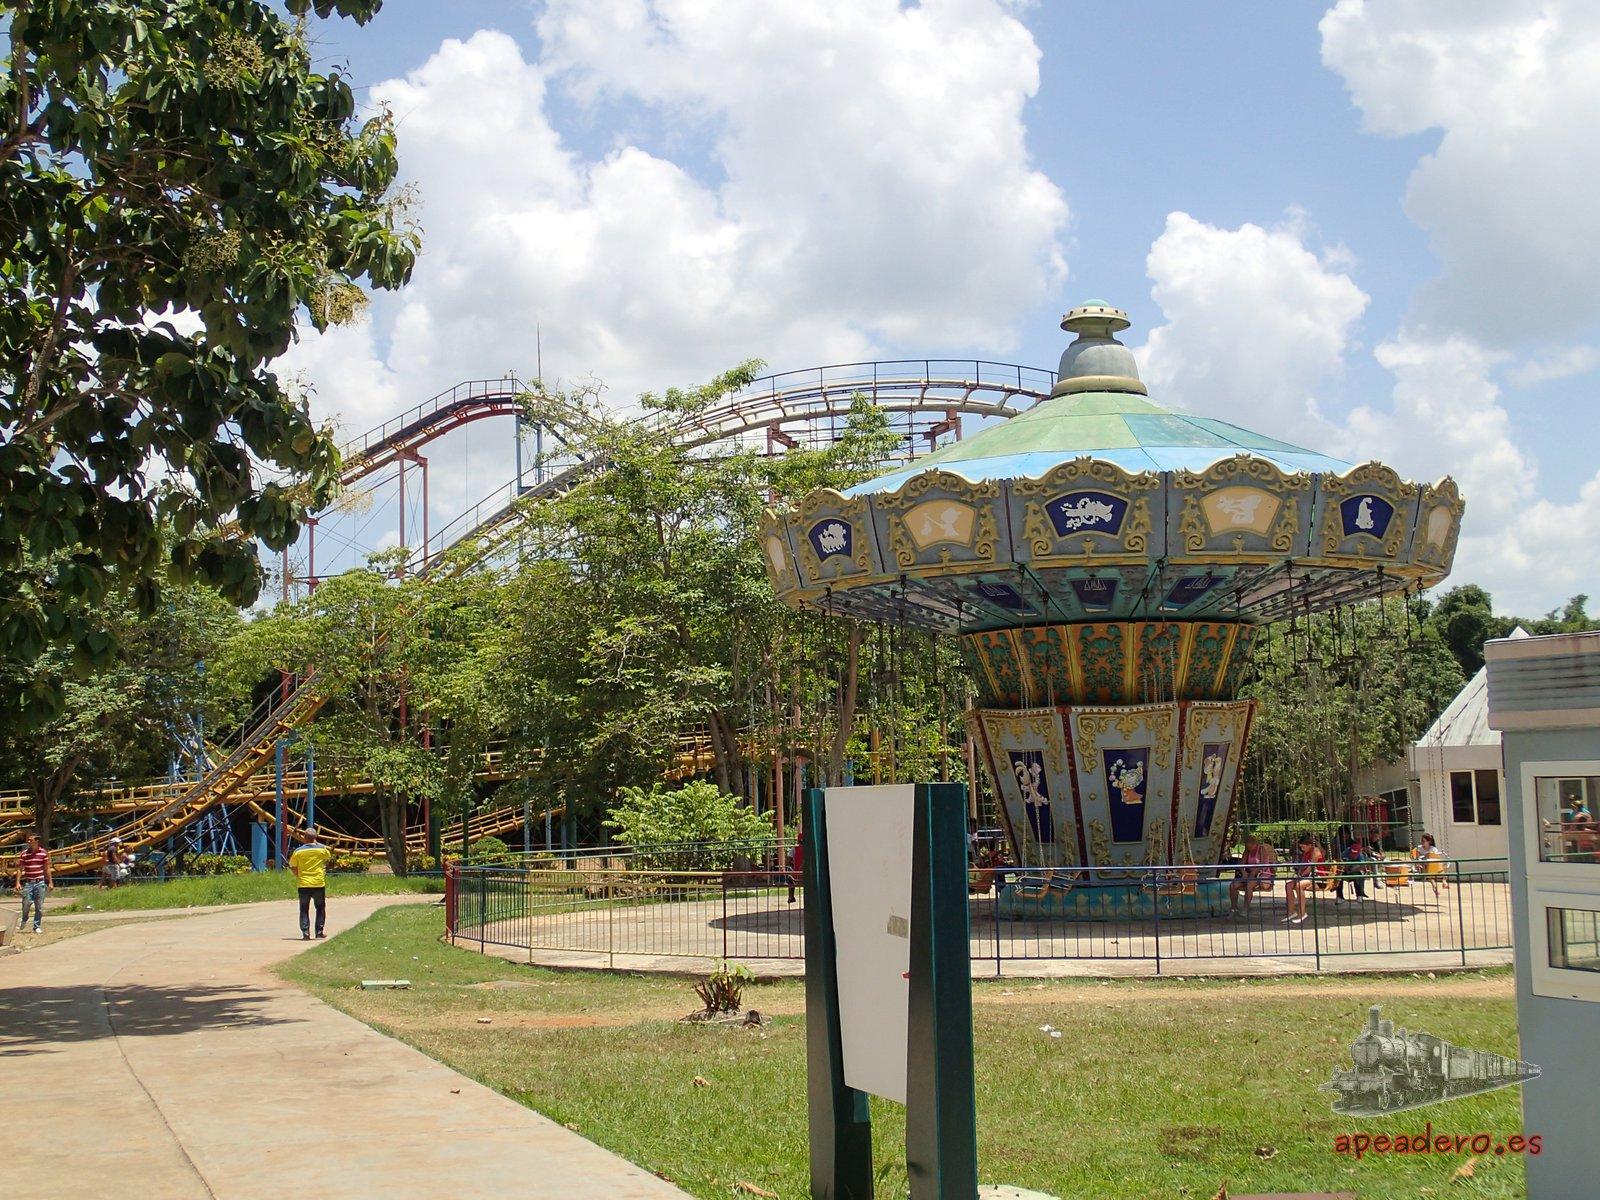 El parque Lenin encierra el mayor parque de atracciones de Cuba.